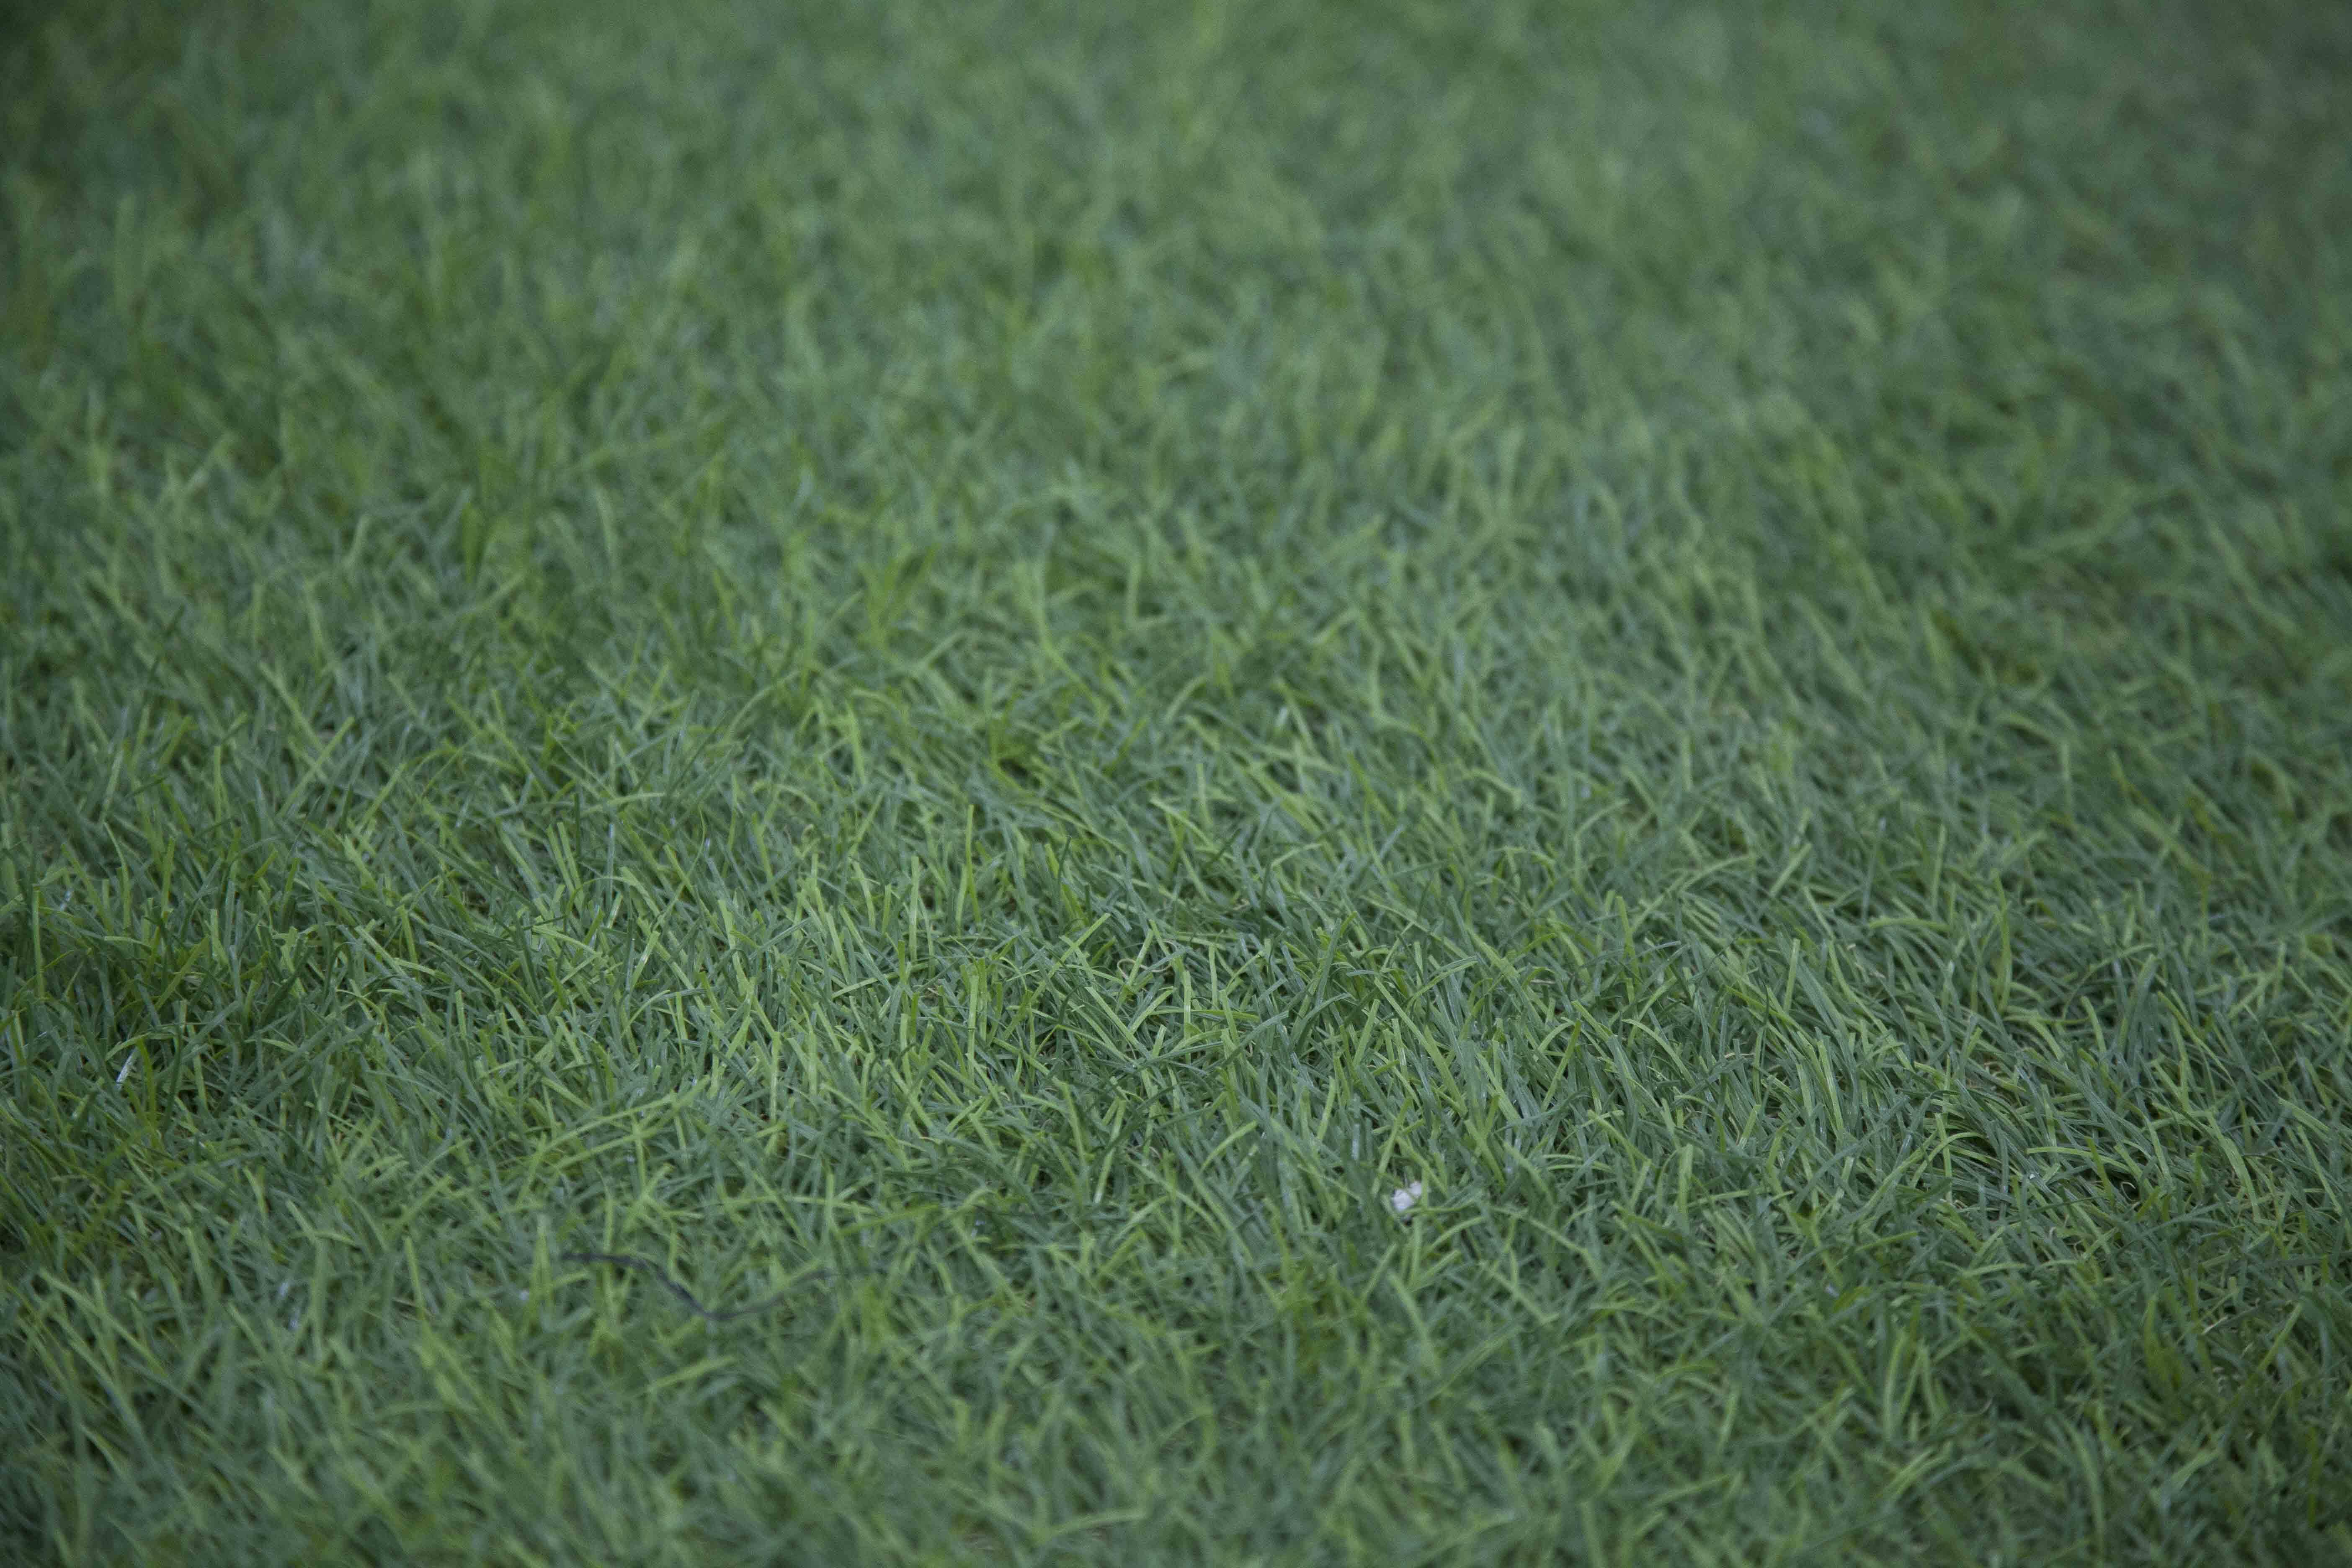 Ingrosso Tappeti San Giuseppe Vesuviano ingrosso tappeti moquette gallo distribuzioni cis nolagallo